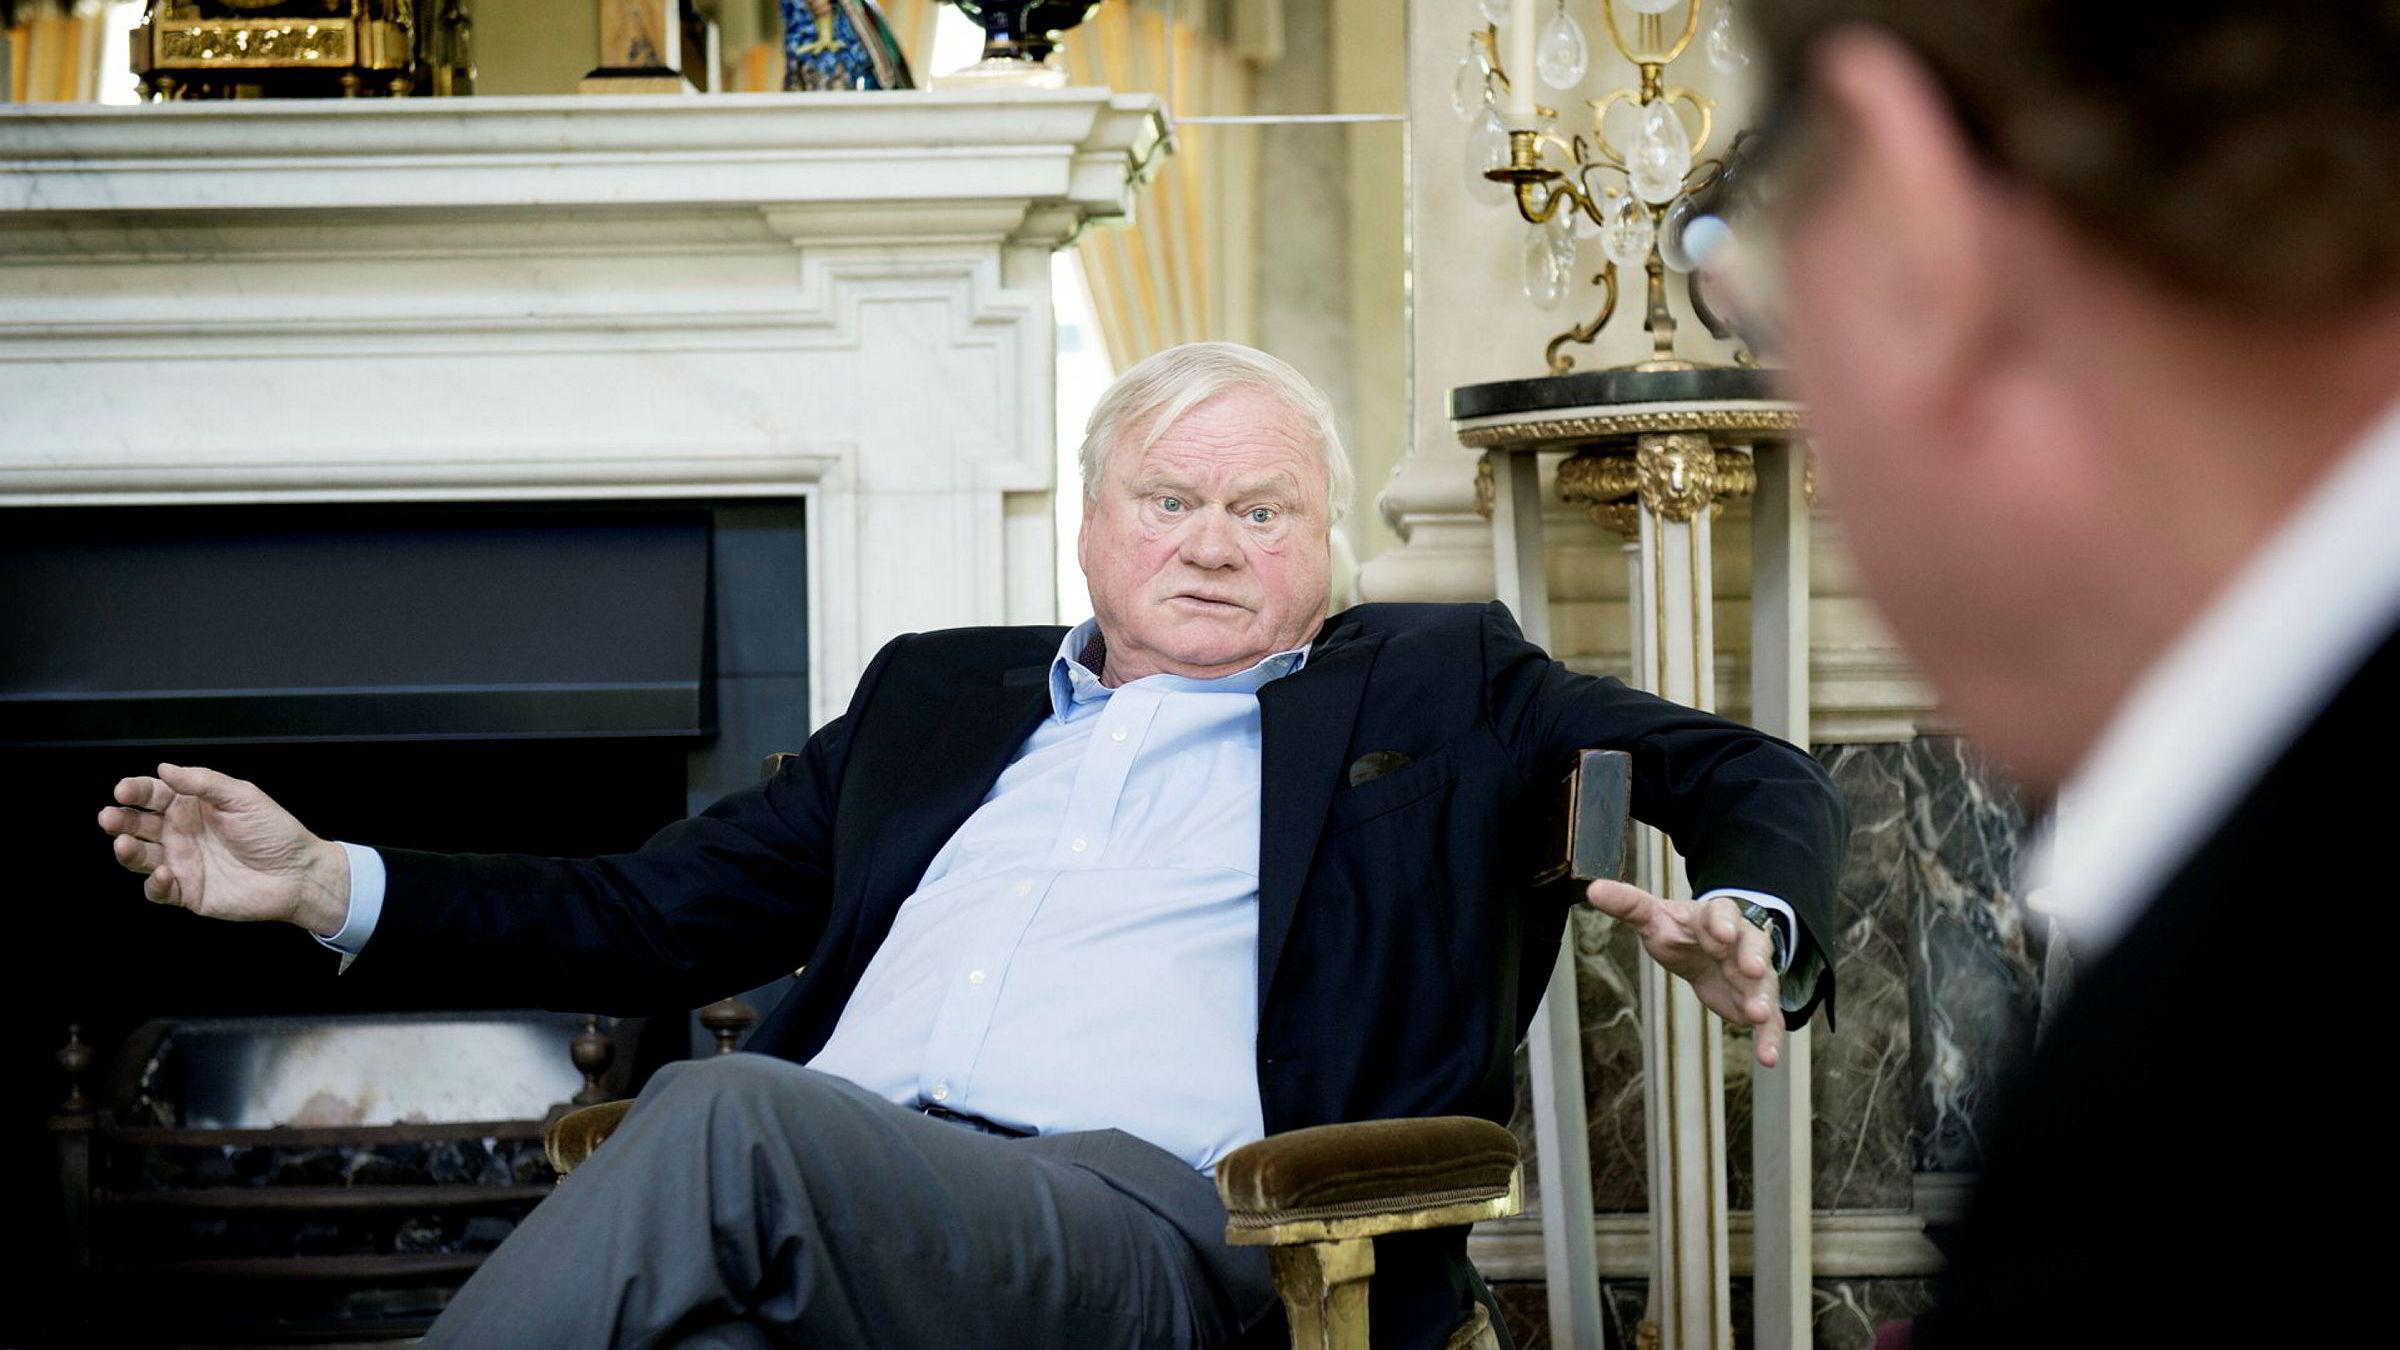 Skipsreder og investor John Fredriksen her i sitt hjem, «The Old Rectory», i London,